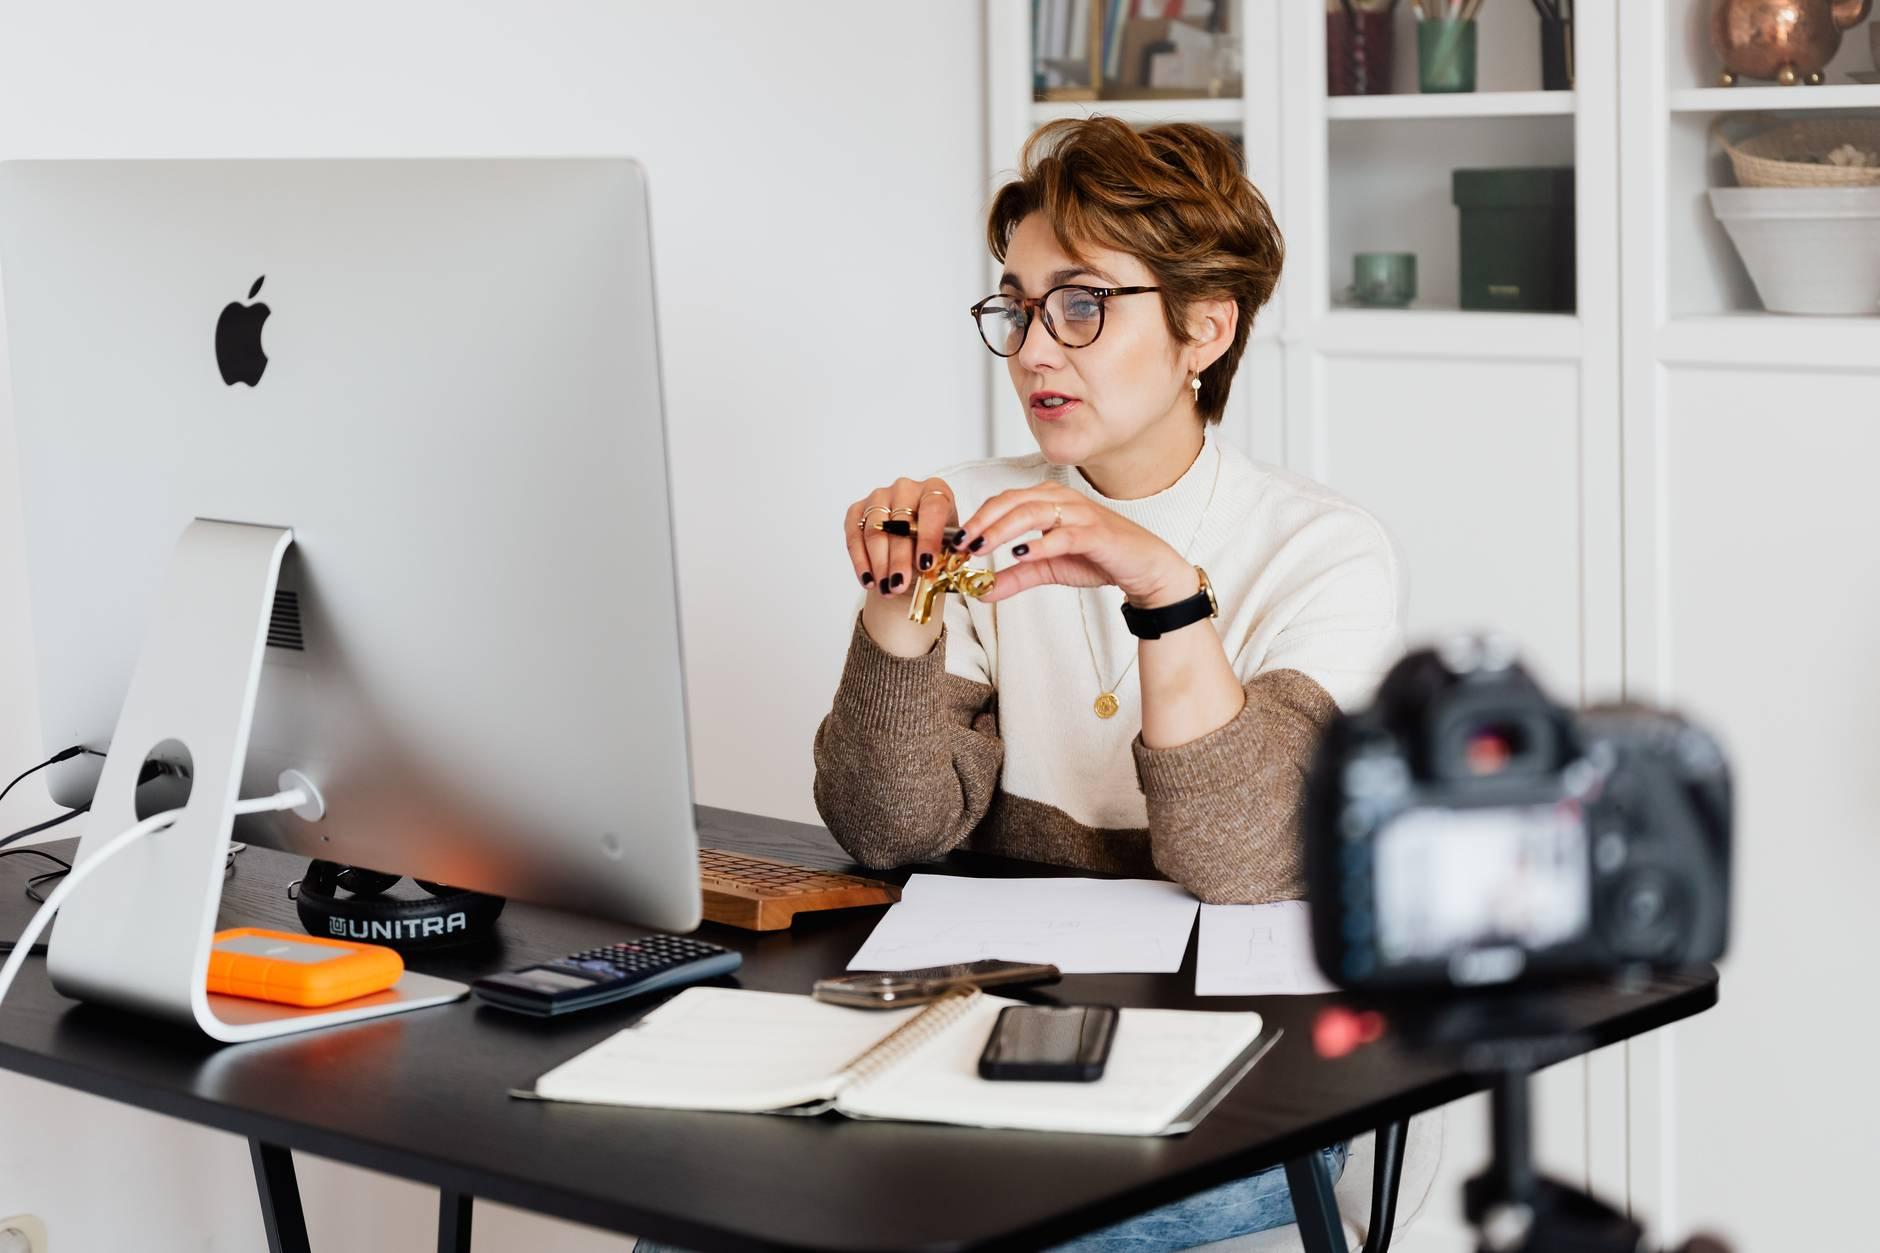 leerkracht, online studeren, icha, studeren op afstand